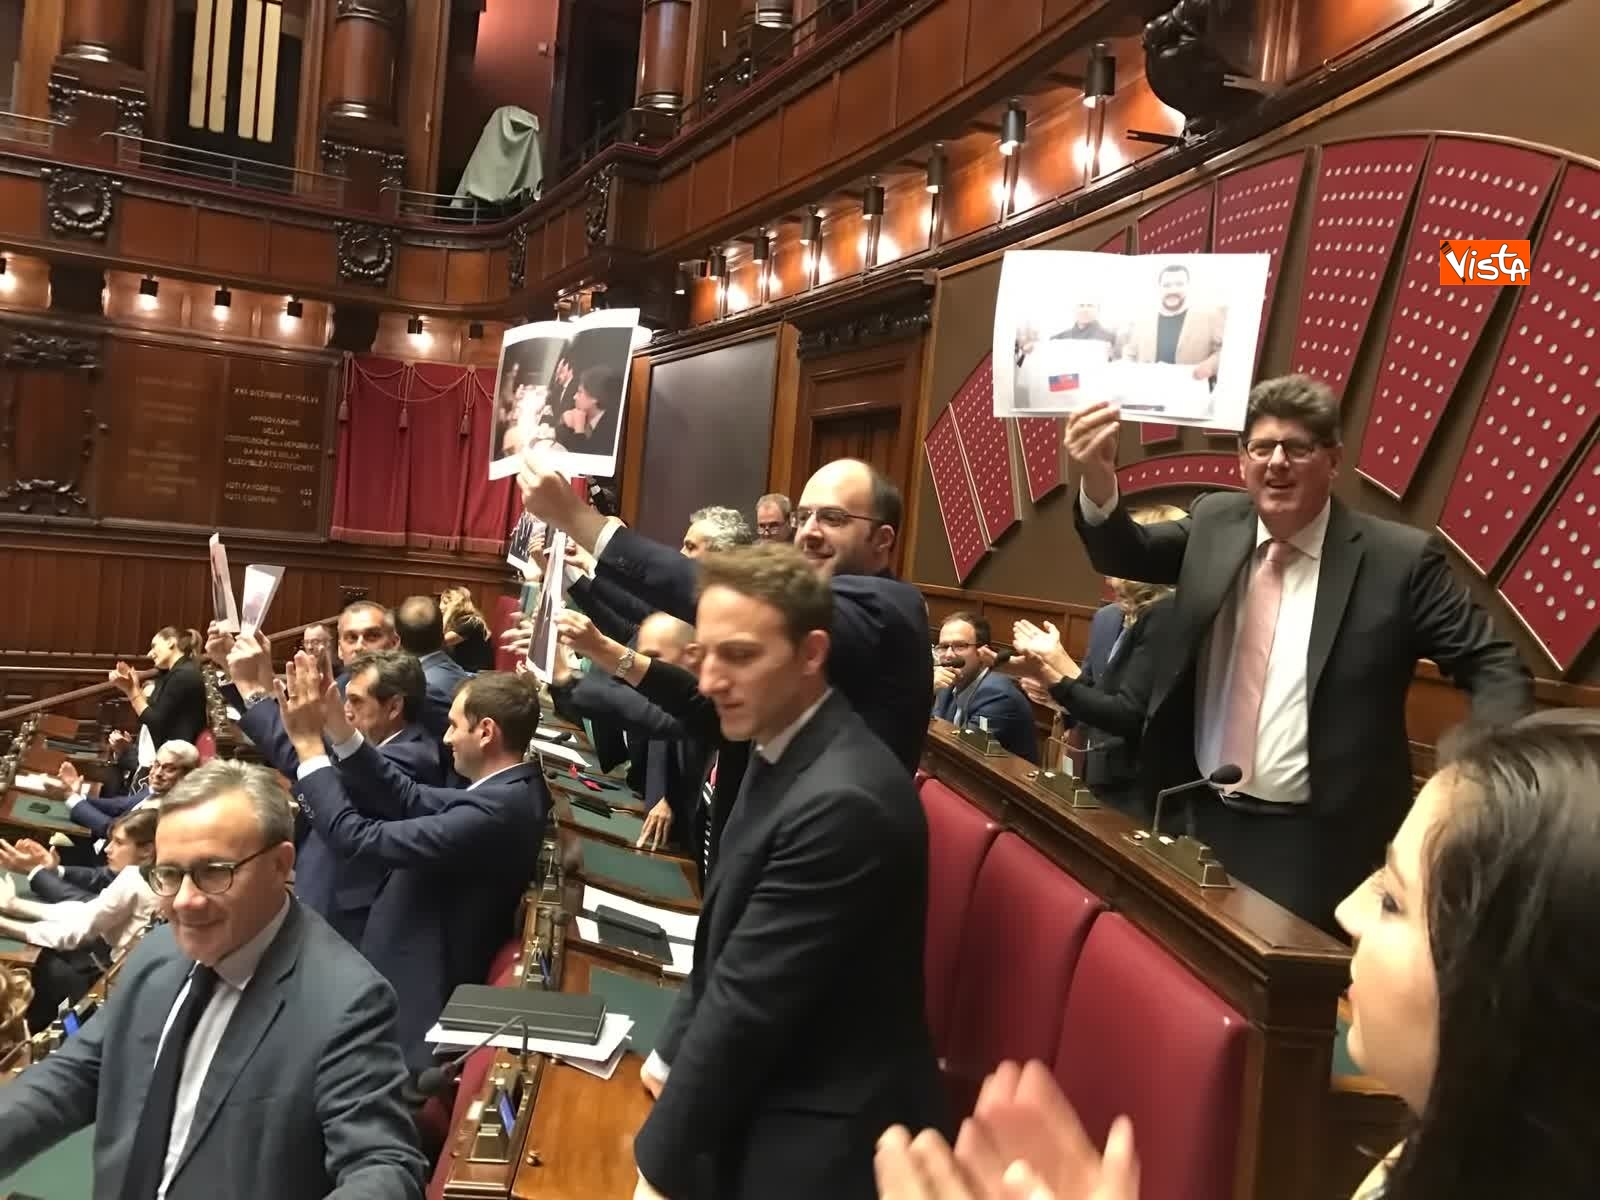 16-07-19 Caso Russia, protesta del PD in Aula, i deputati alzano foto di Salvini e Savoini insieme_03